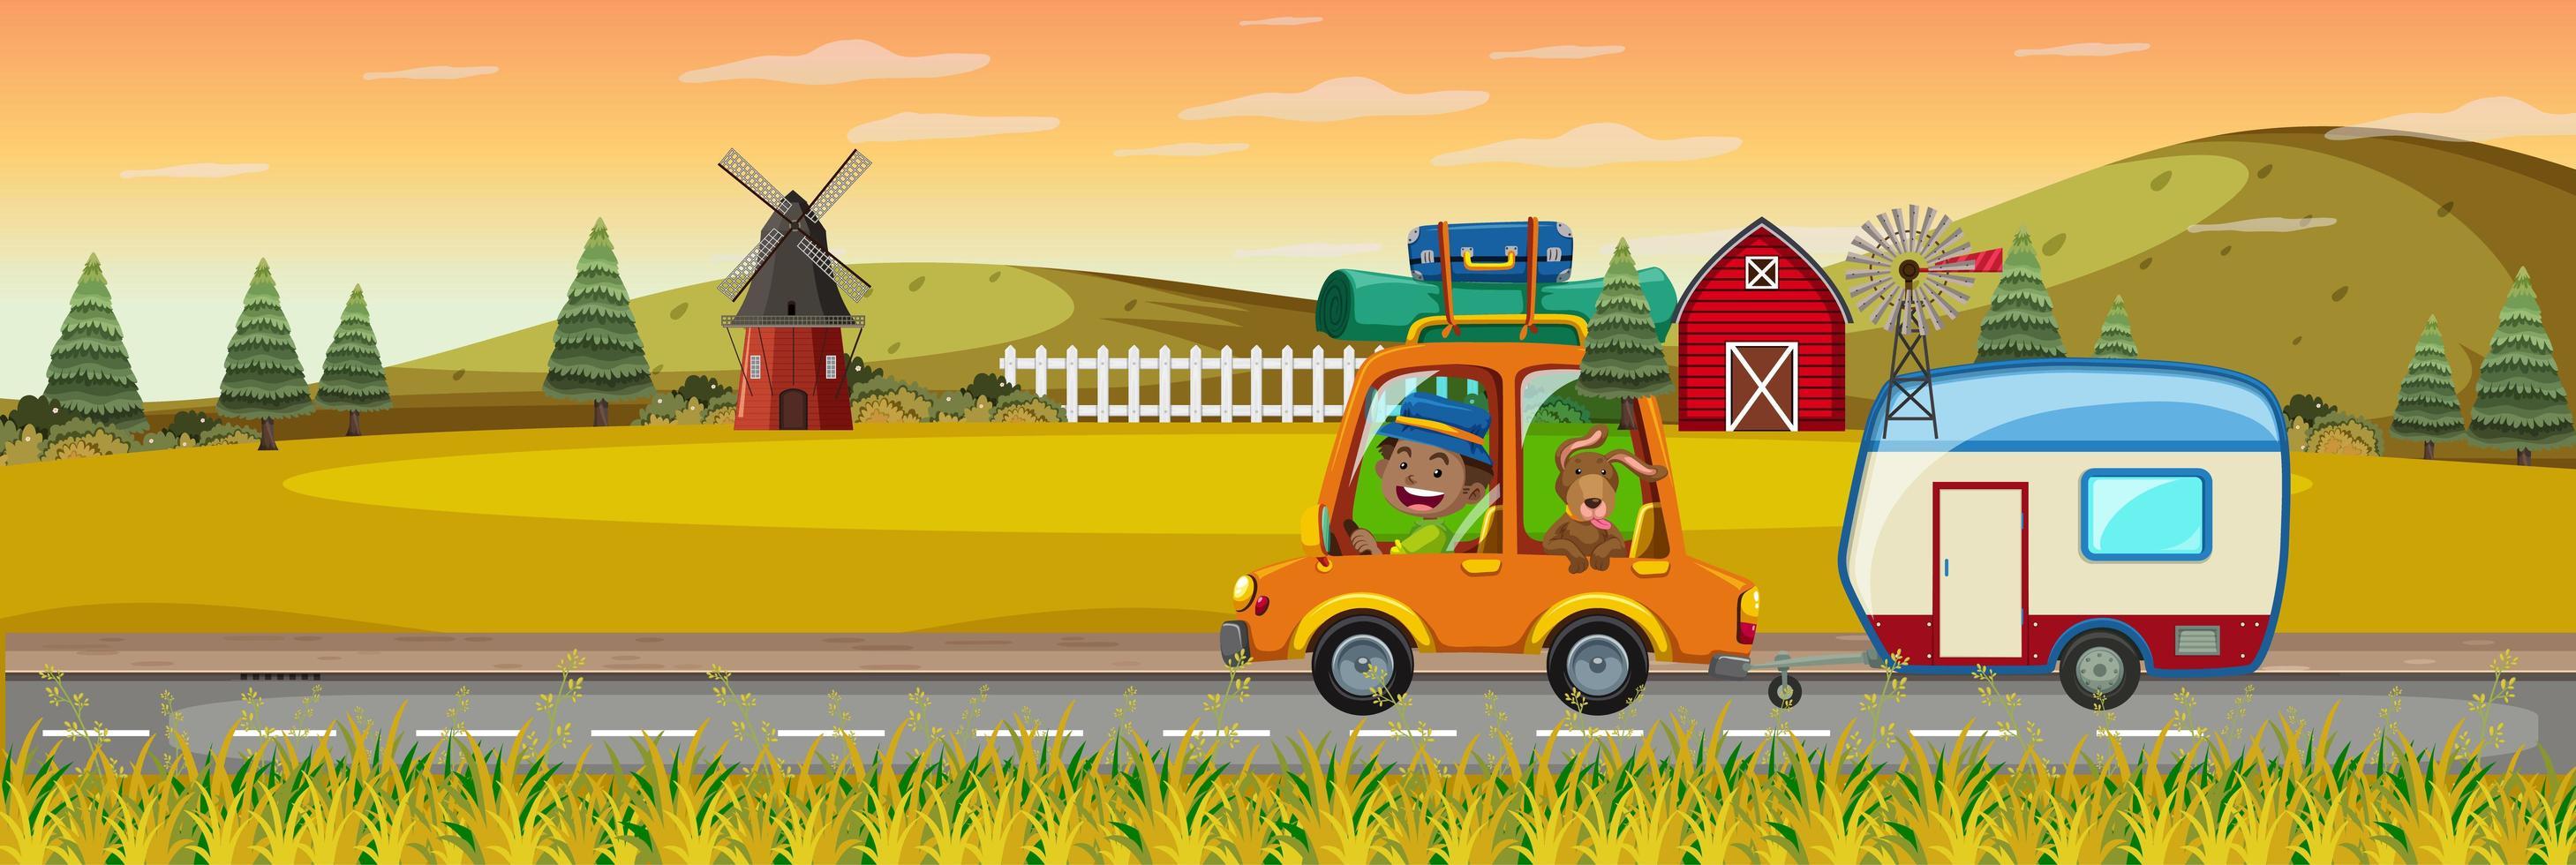 kinderen op roadtrip in horizontale boerderijscène in zonsondergangtijd vector